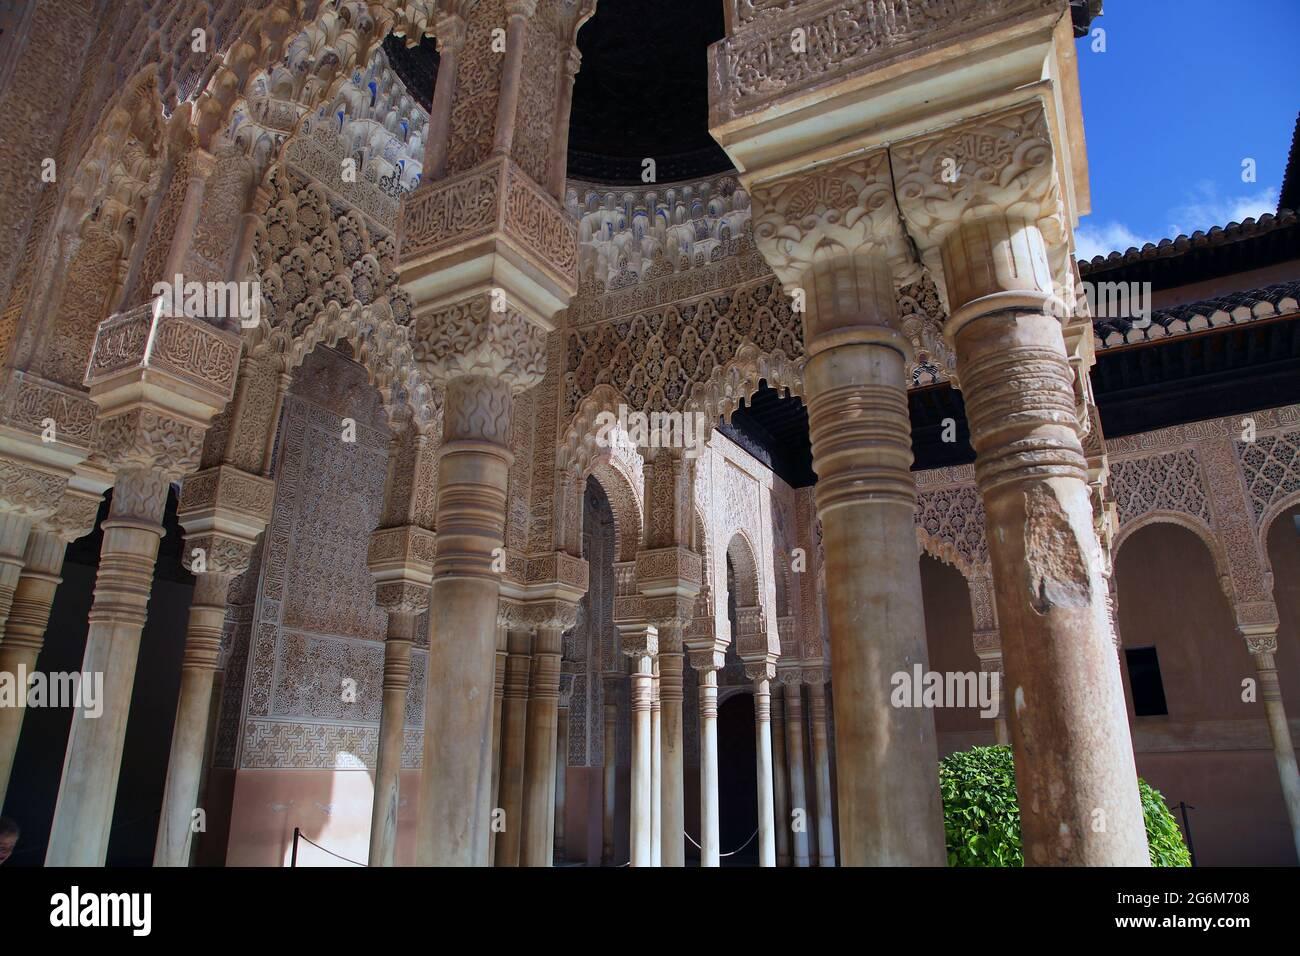 El Patio de los Leones (Patio de los Leones) El lugar más famoso de la Alhambra de Granada.Situado en la cima de la colina al-Sabika, En la orilla del río Darro, en la ciudad de Granada y frente a los barrios del Albaicín y de la Alcazaba.Originalmente construido como una fortaleza en el año 889 CE., luego en gran medida ignorado.reconstruido a mediados del siglo 13th por el emir nazarí árabe Mohammed ben Al-Ahmar del Emirato de Granada, que Construido su actual palacio y murallas.Después de la Reconquista Cristiana en 1492, el sitio se convirtió en la Corte Real de Fernando e Isabel Foto de stock